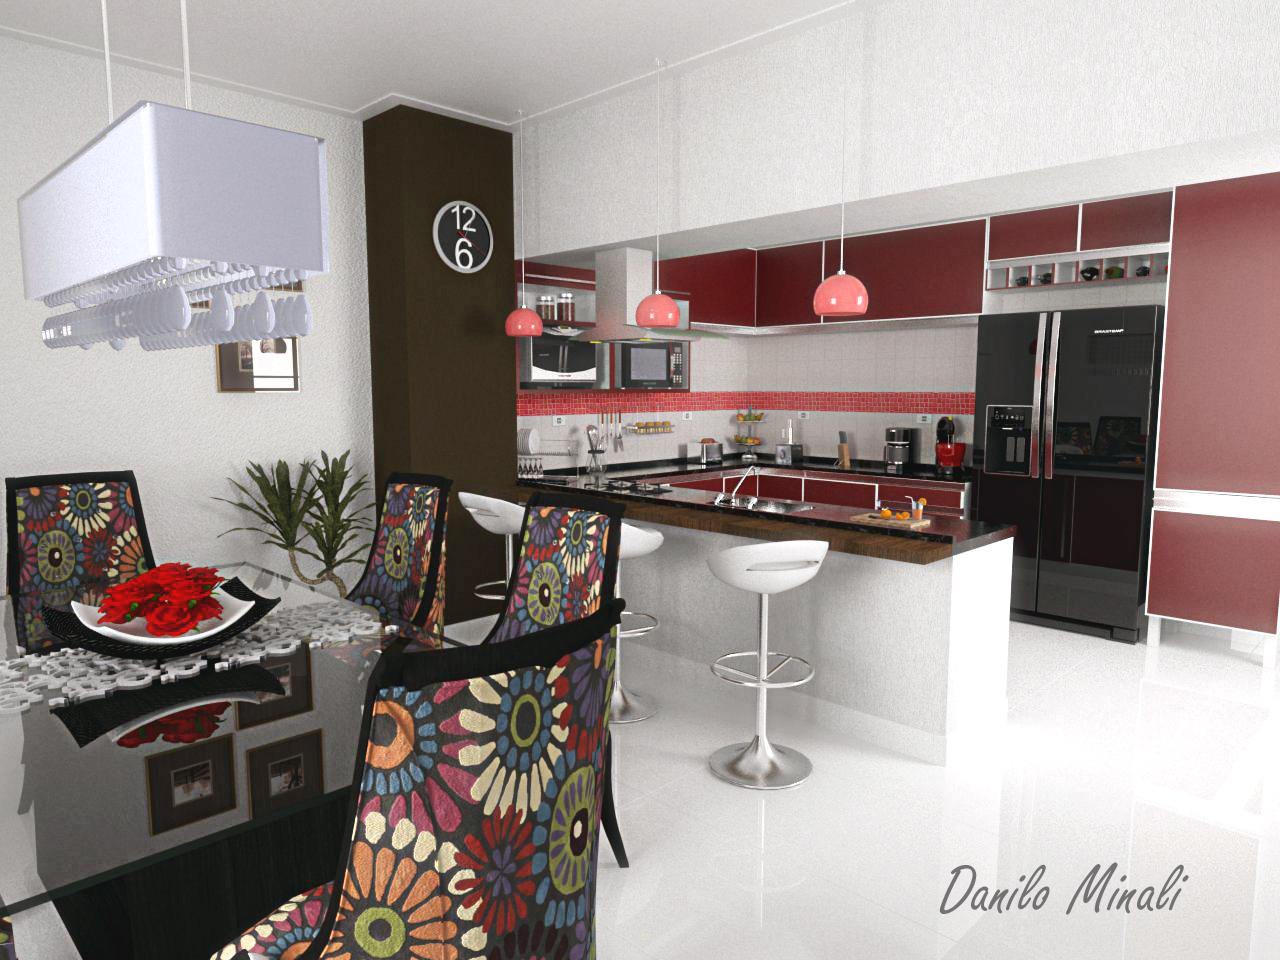 Another Image For 15 tipos de modelos de cozinhas pequenas #9C2F2F 1280 960